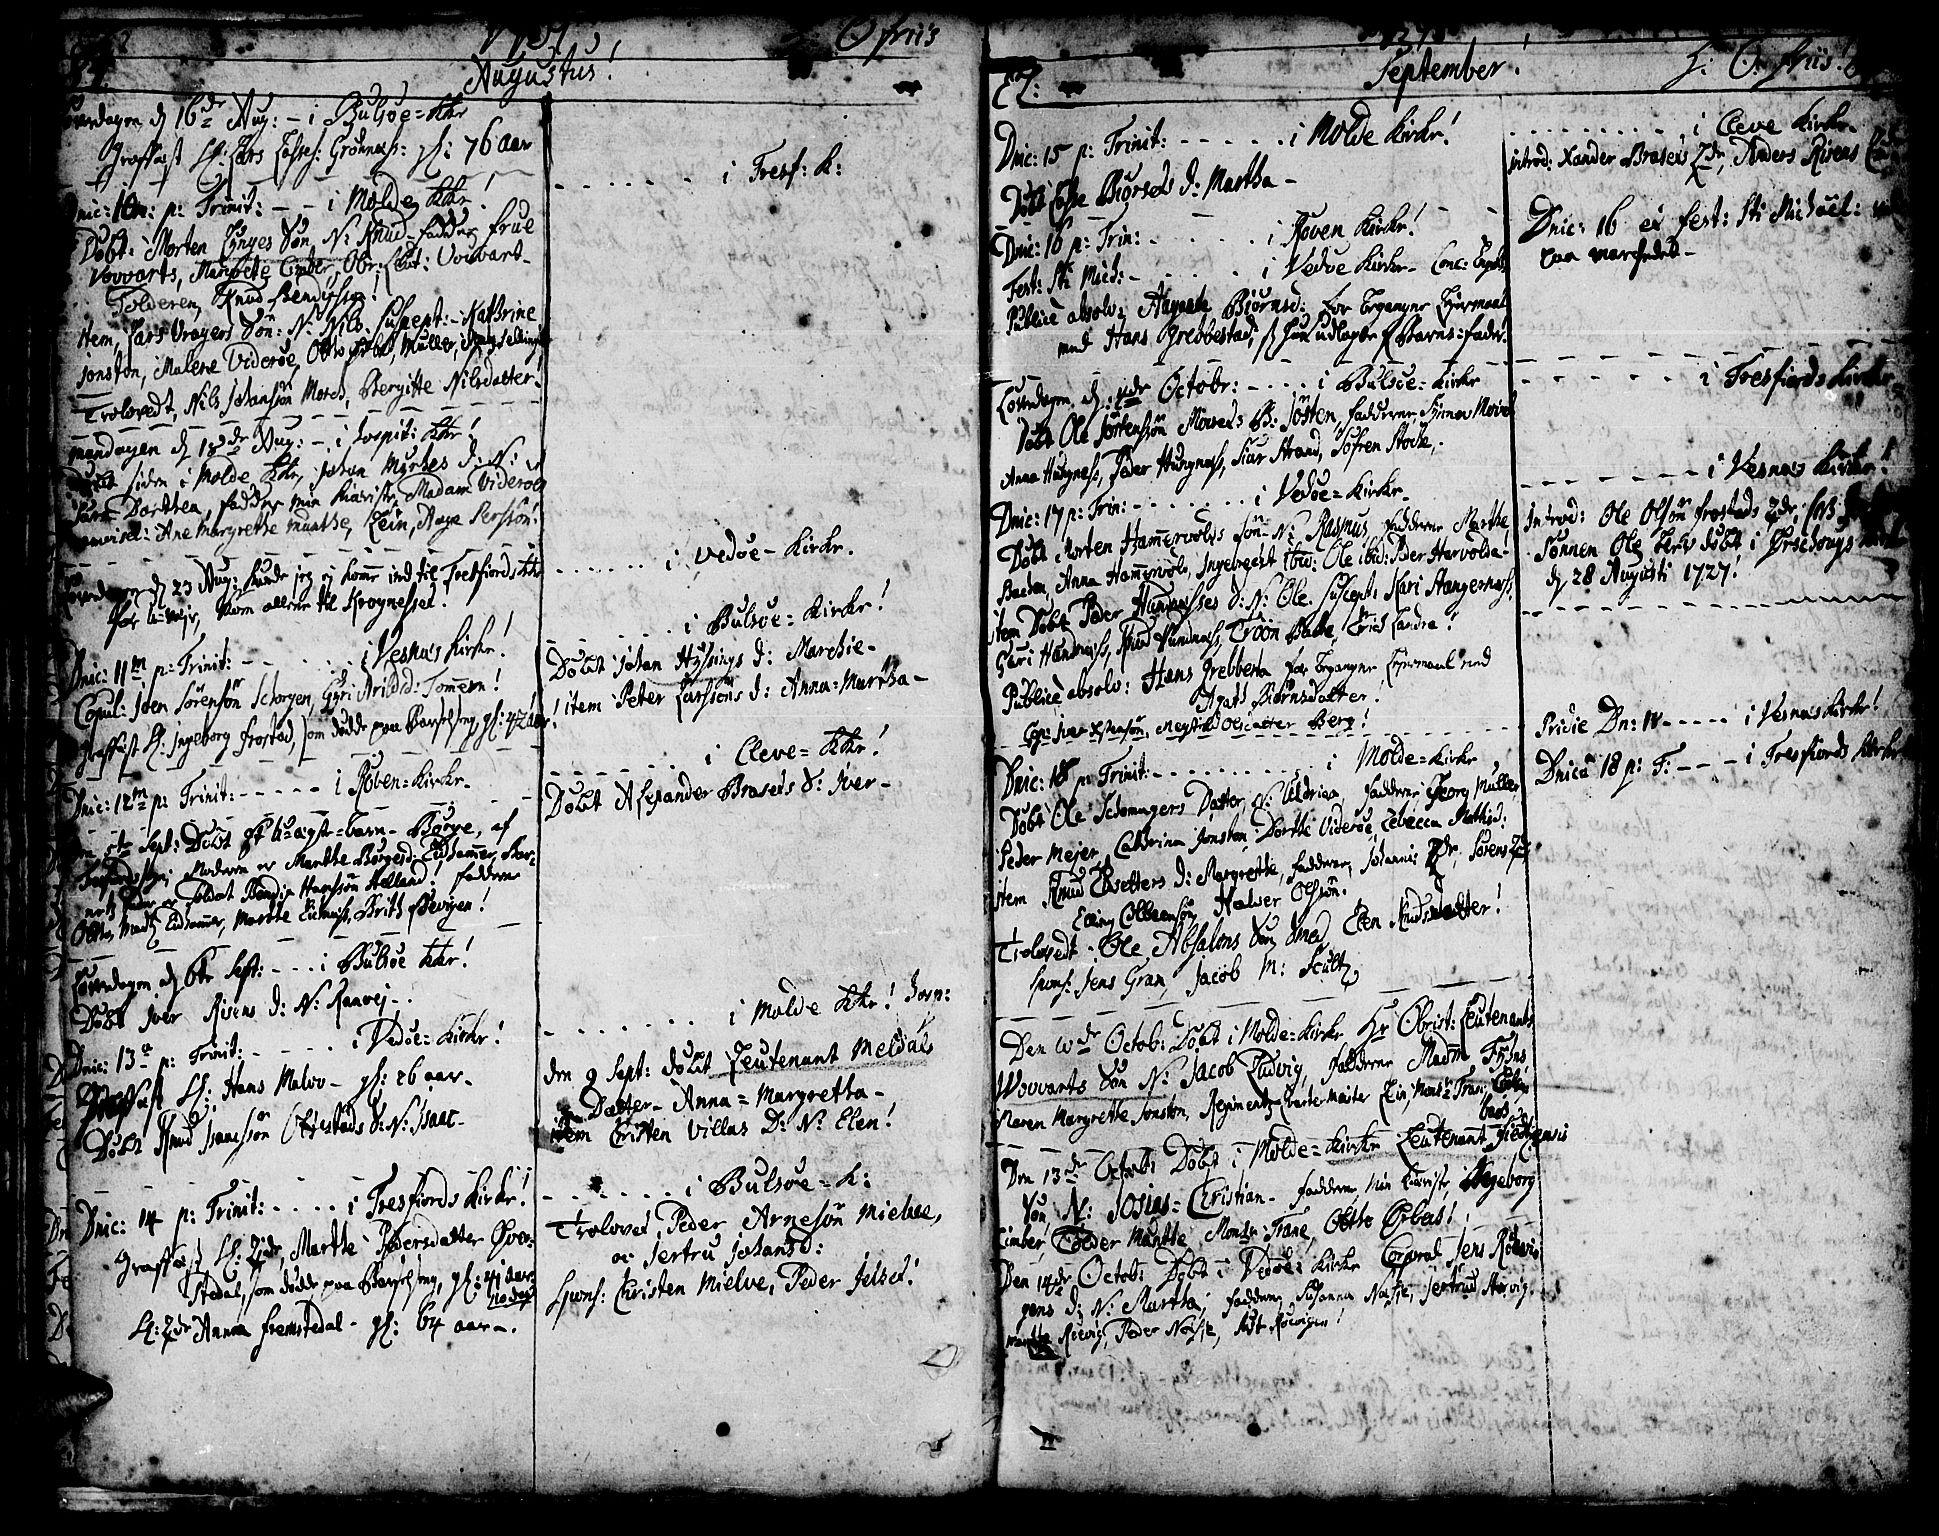 SAT, Ministerialprotokoller, klokkerbøker og fødselsregistre - Møre og Romsdal, 547/L0599: Ministerialbok nr. 547A01, 1721-1764, s. 86-87